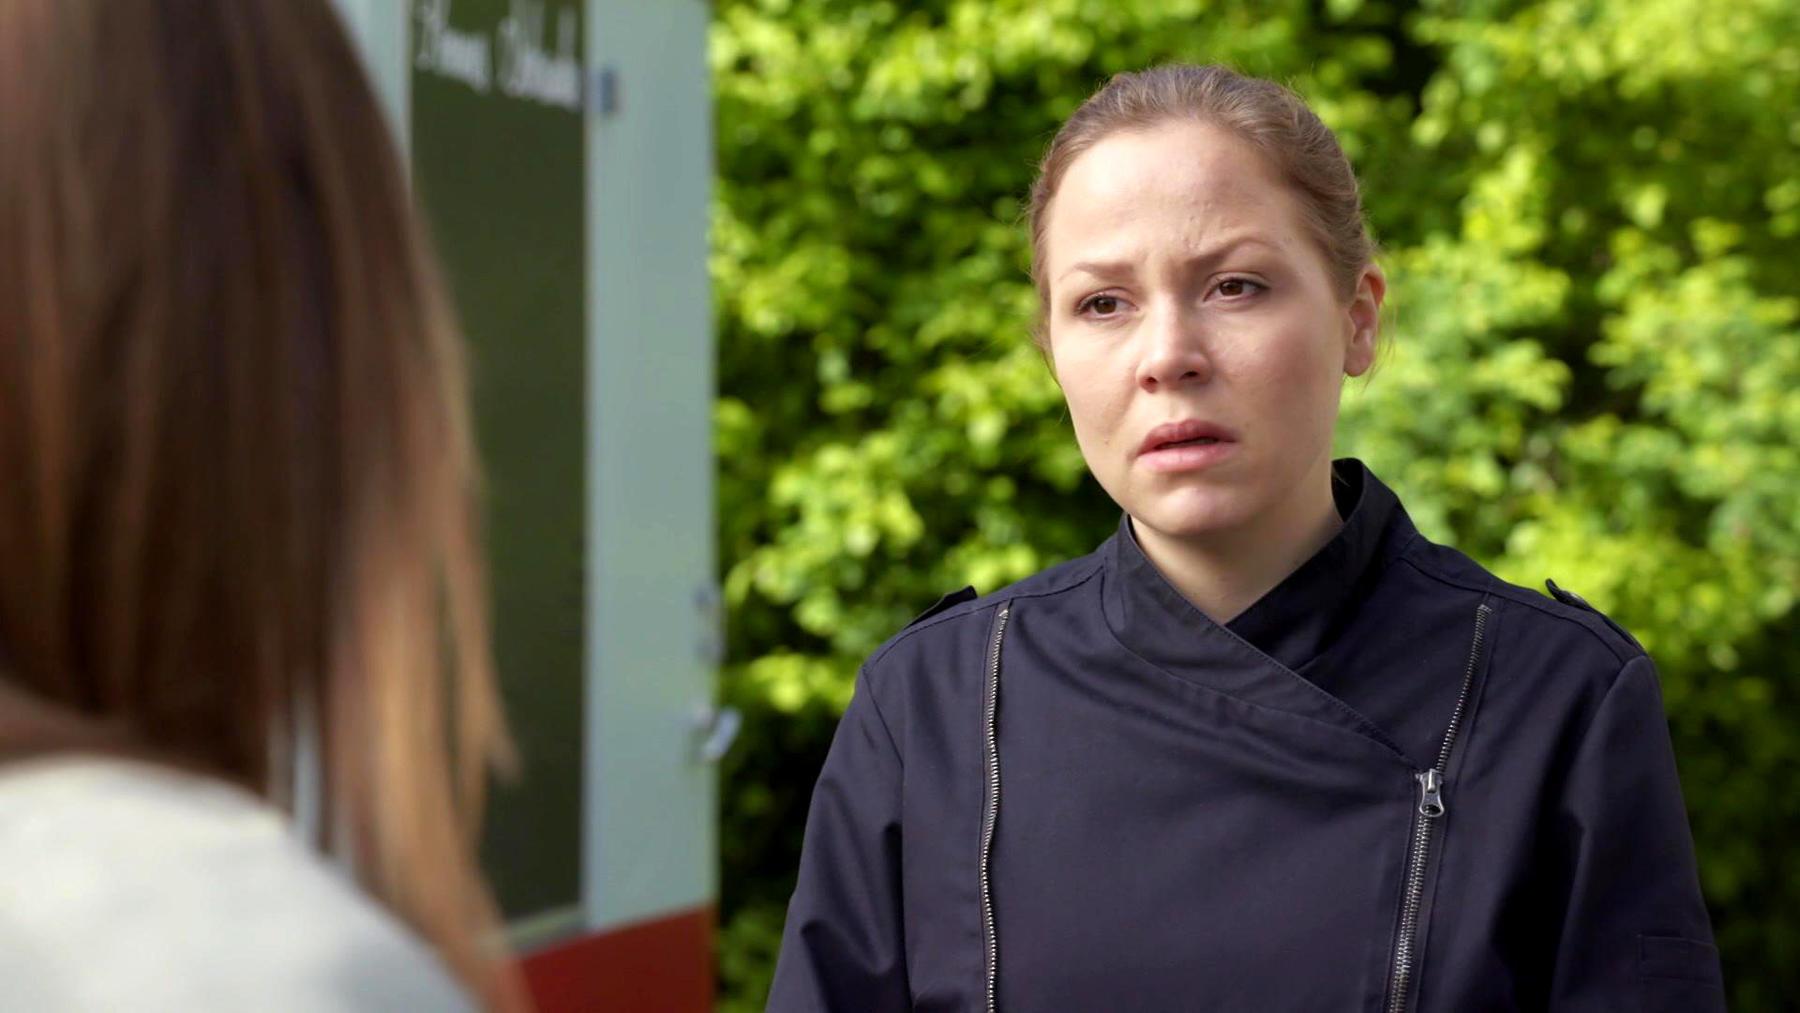 Lucie erkennt, dass sie Ina alleingelassen hat